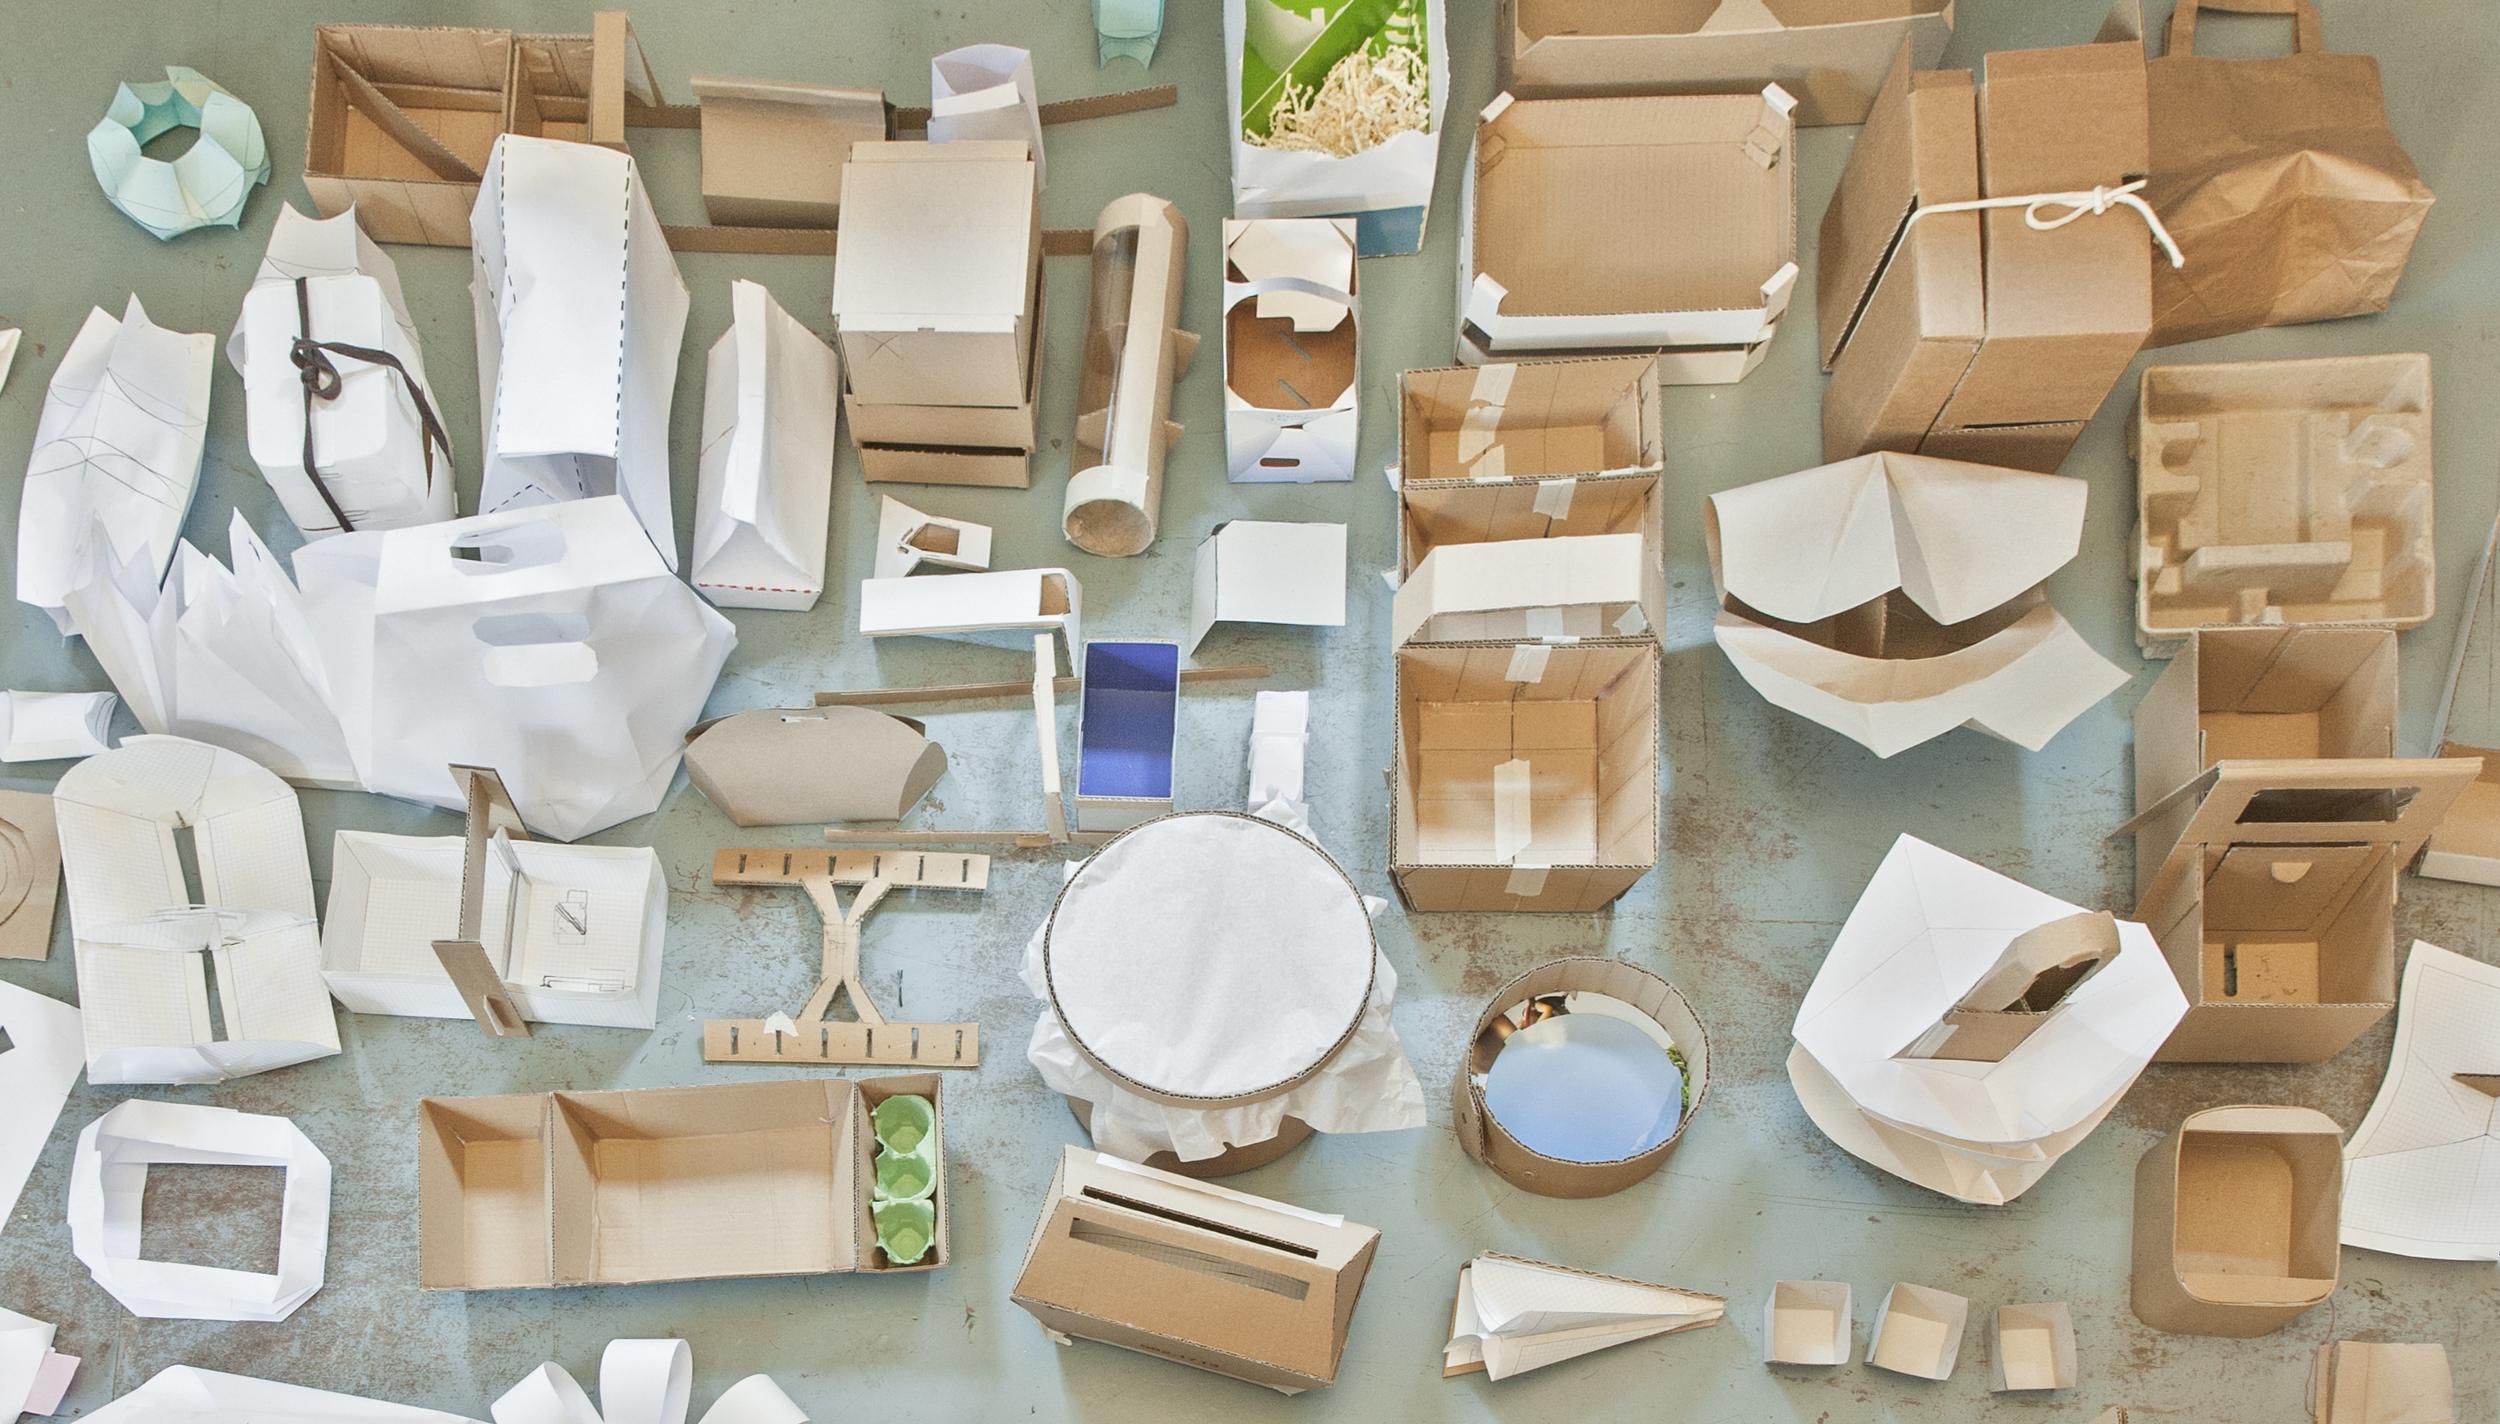 Vormodelle aus Papier und Karton